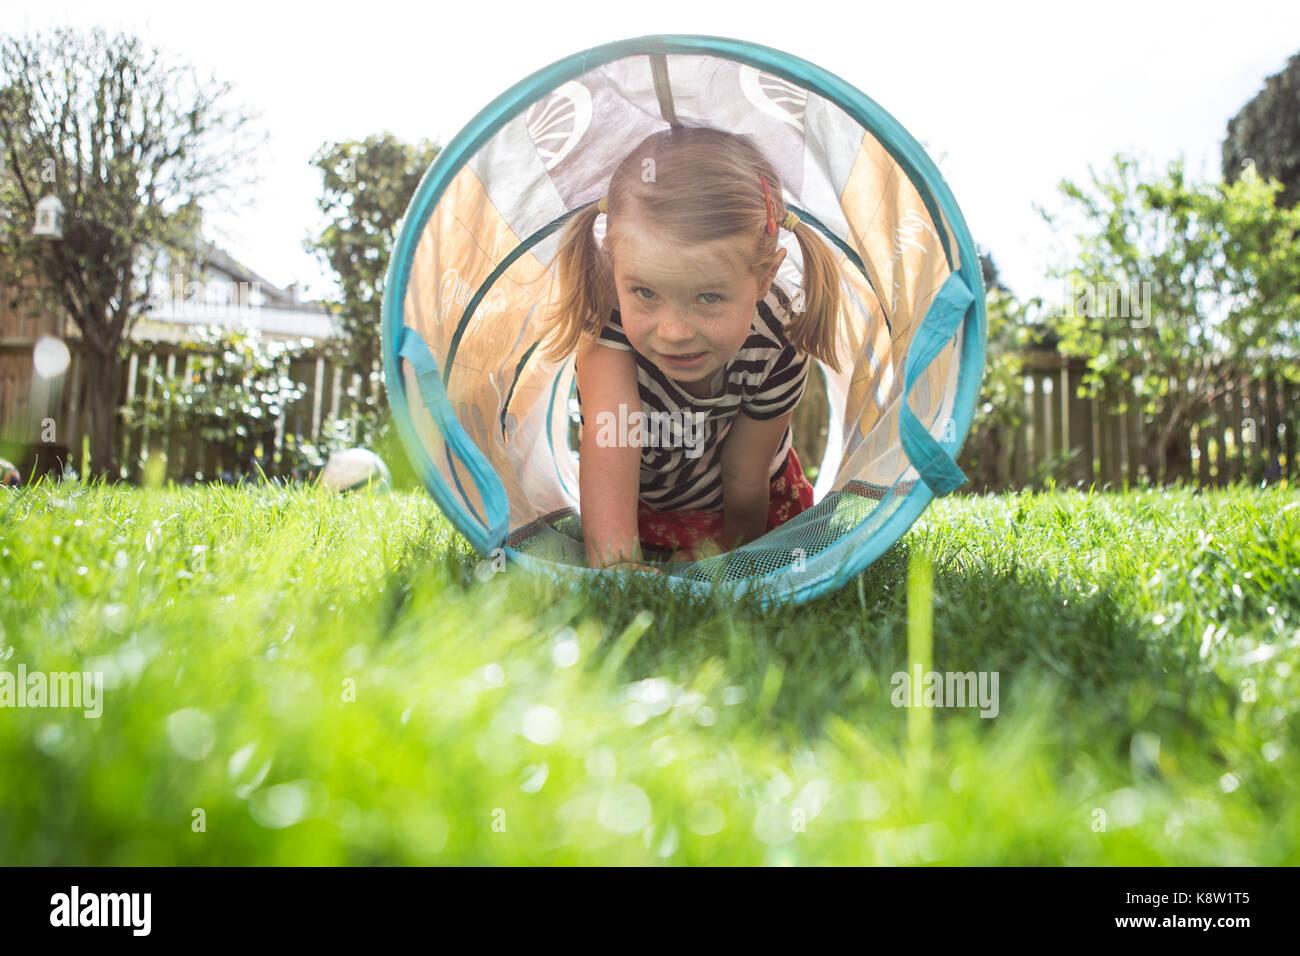 Kleine Mädchen spielen im Garten Stockbild